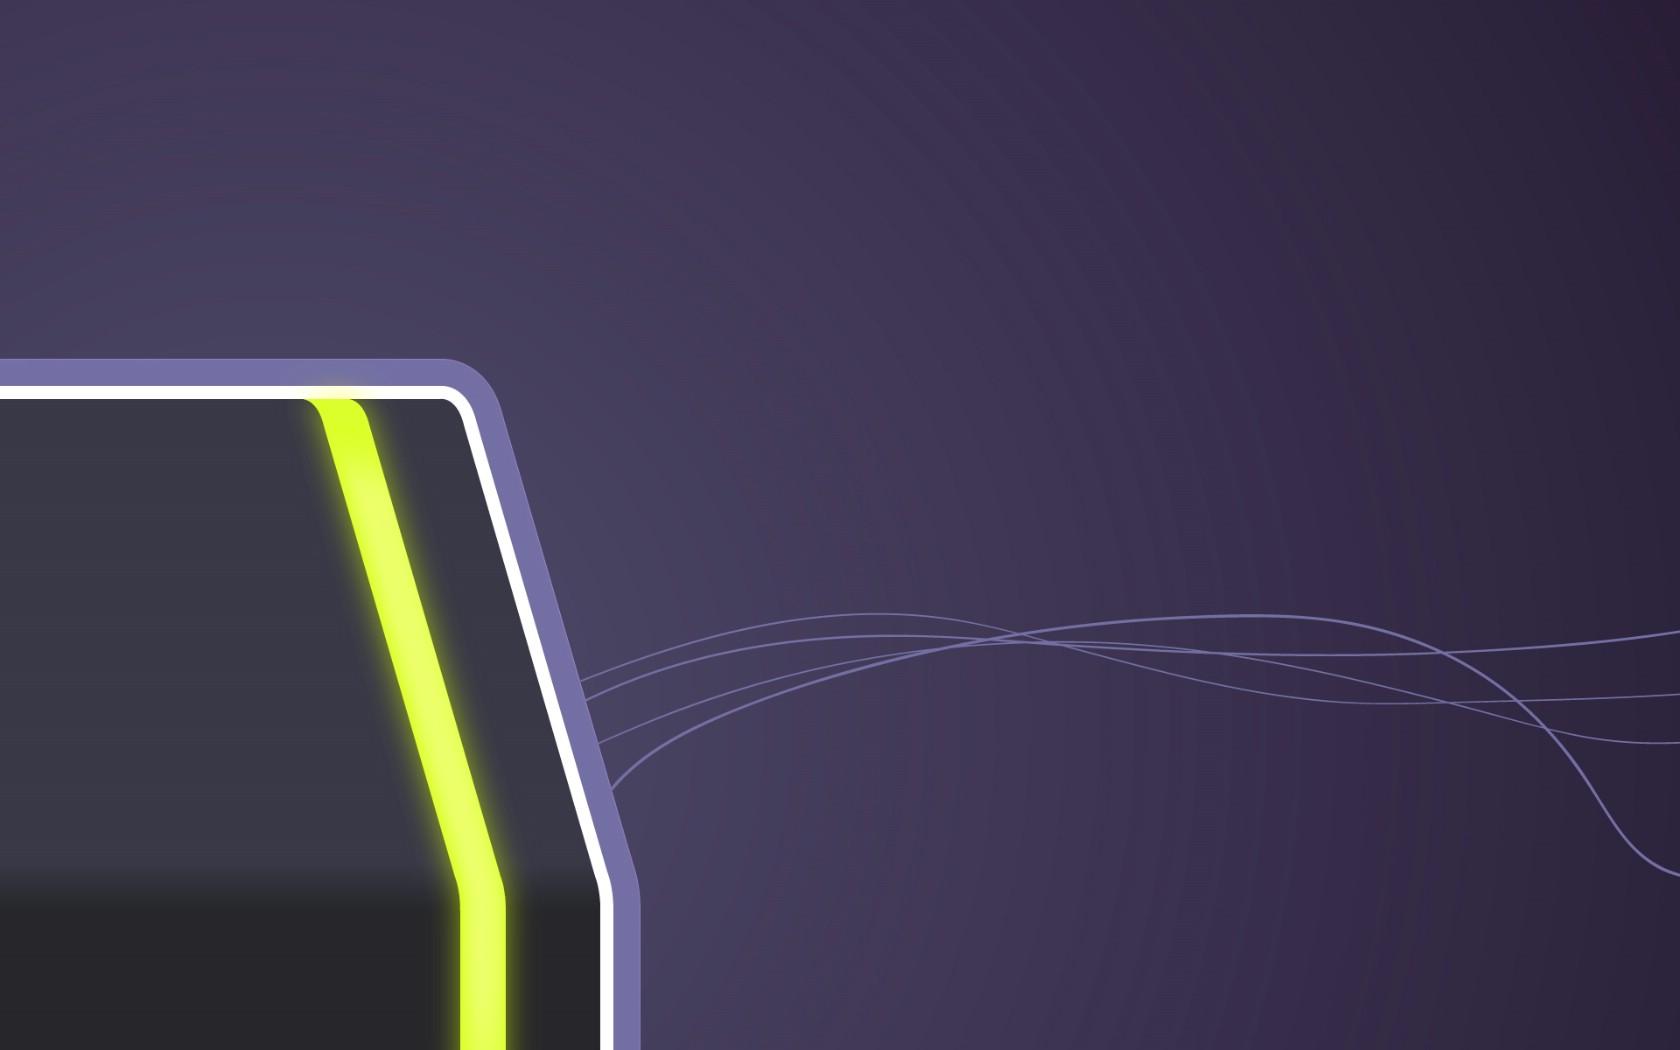 壁纸1680×1050简约设计卡通风格宽屏壁纸 2010 01 03 壁纸26壁纸 简约设计卡通风格宽屏壁纸图片动漫壁纸动漫图片素材桌面壁纸